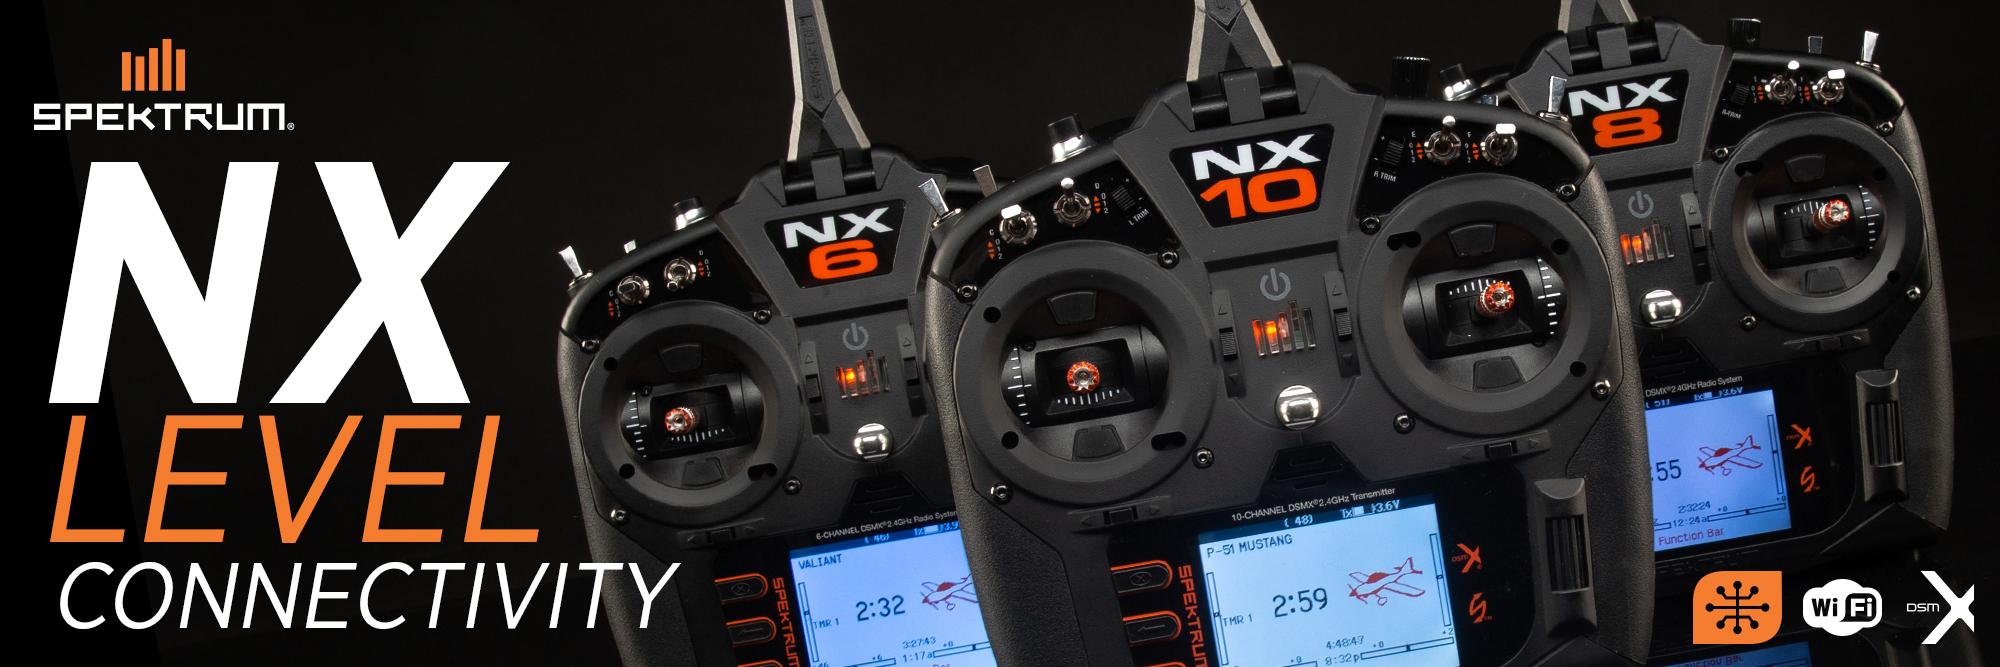 Spektrum NX Radio